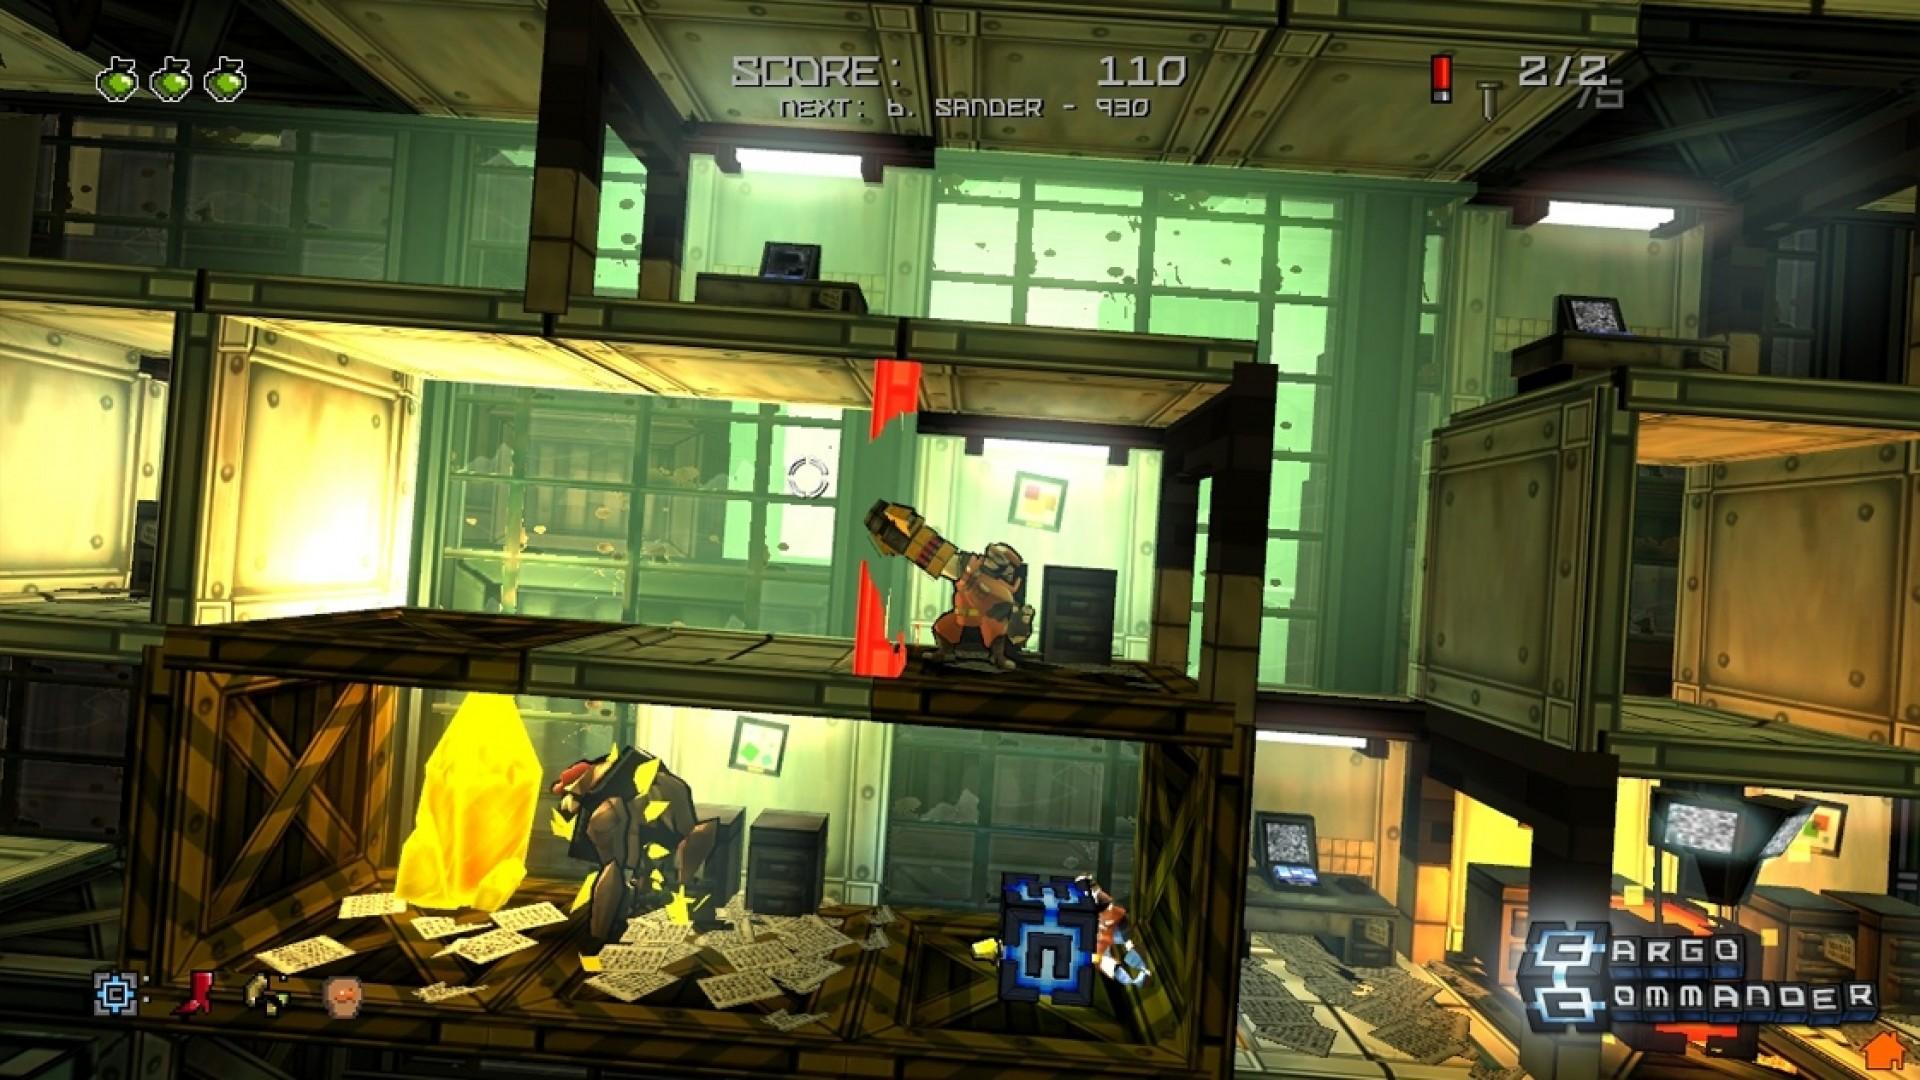 Cargo Commander screenshot